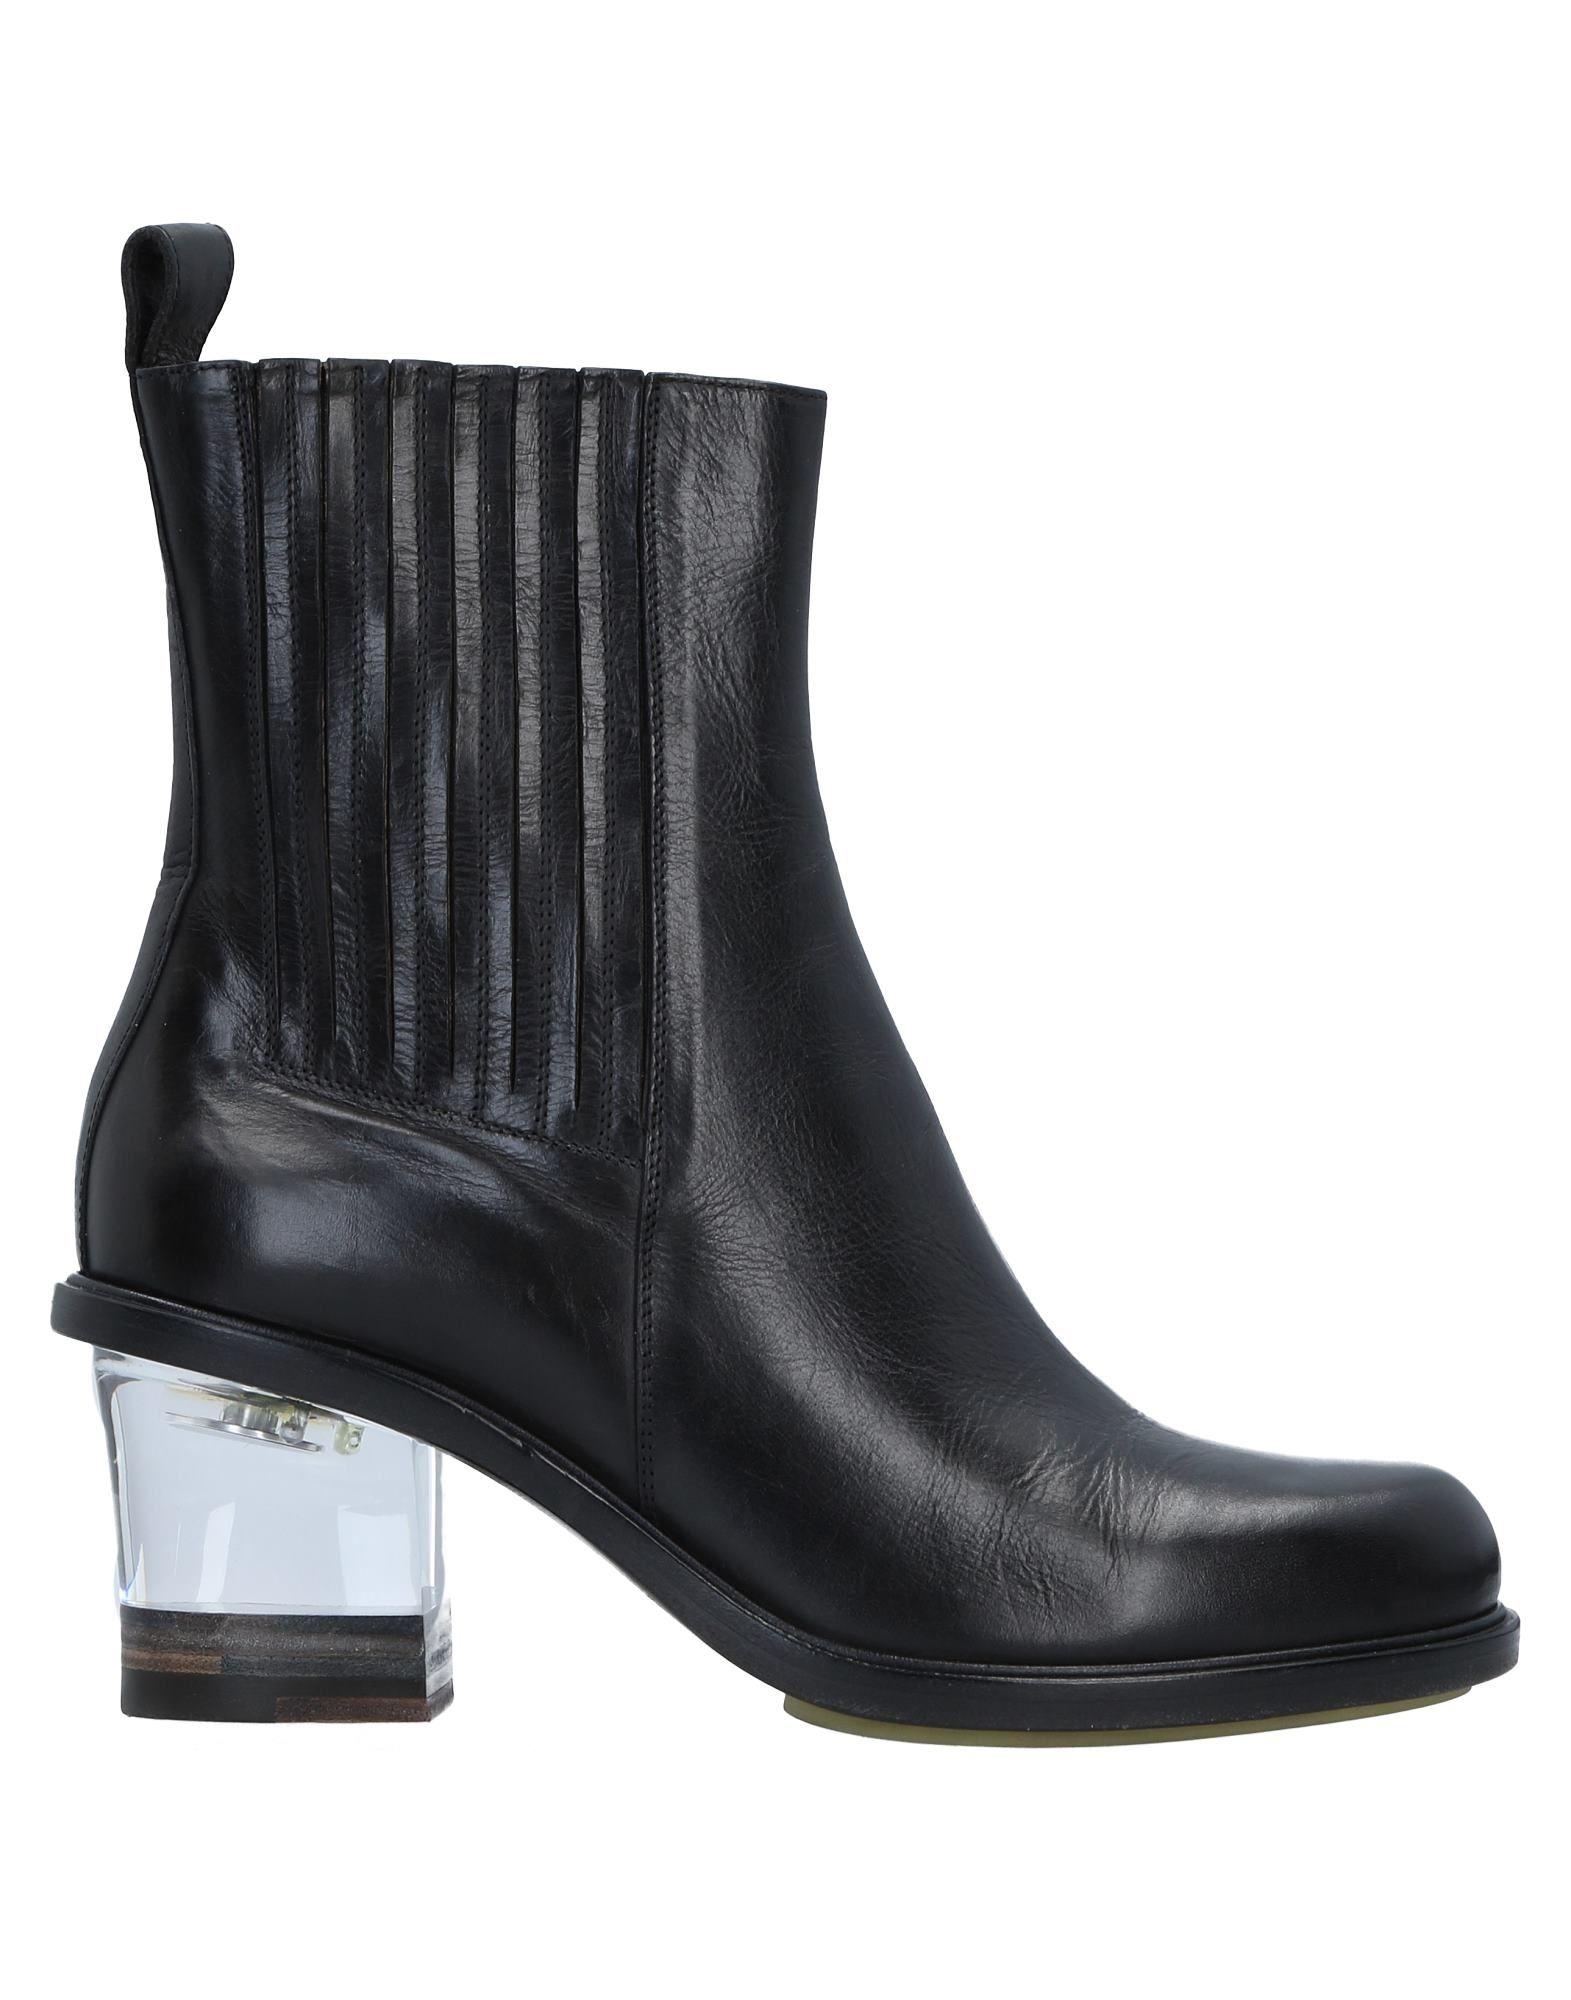 Premiata Stiefelette Damen  11529638GNGünstige gut aussehende Schuhe